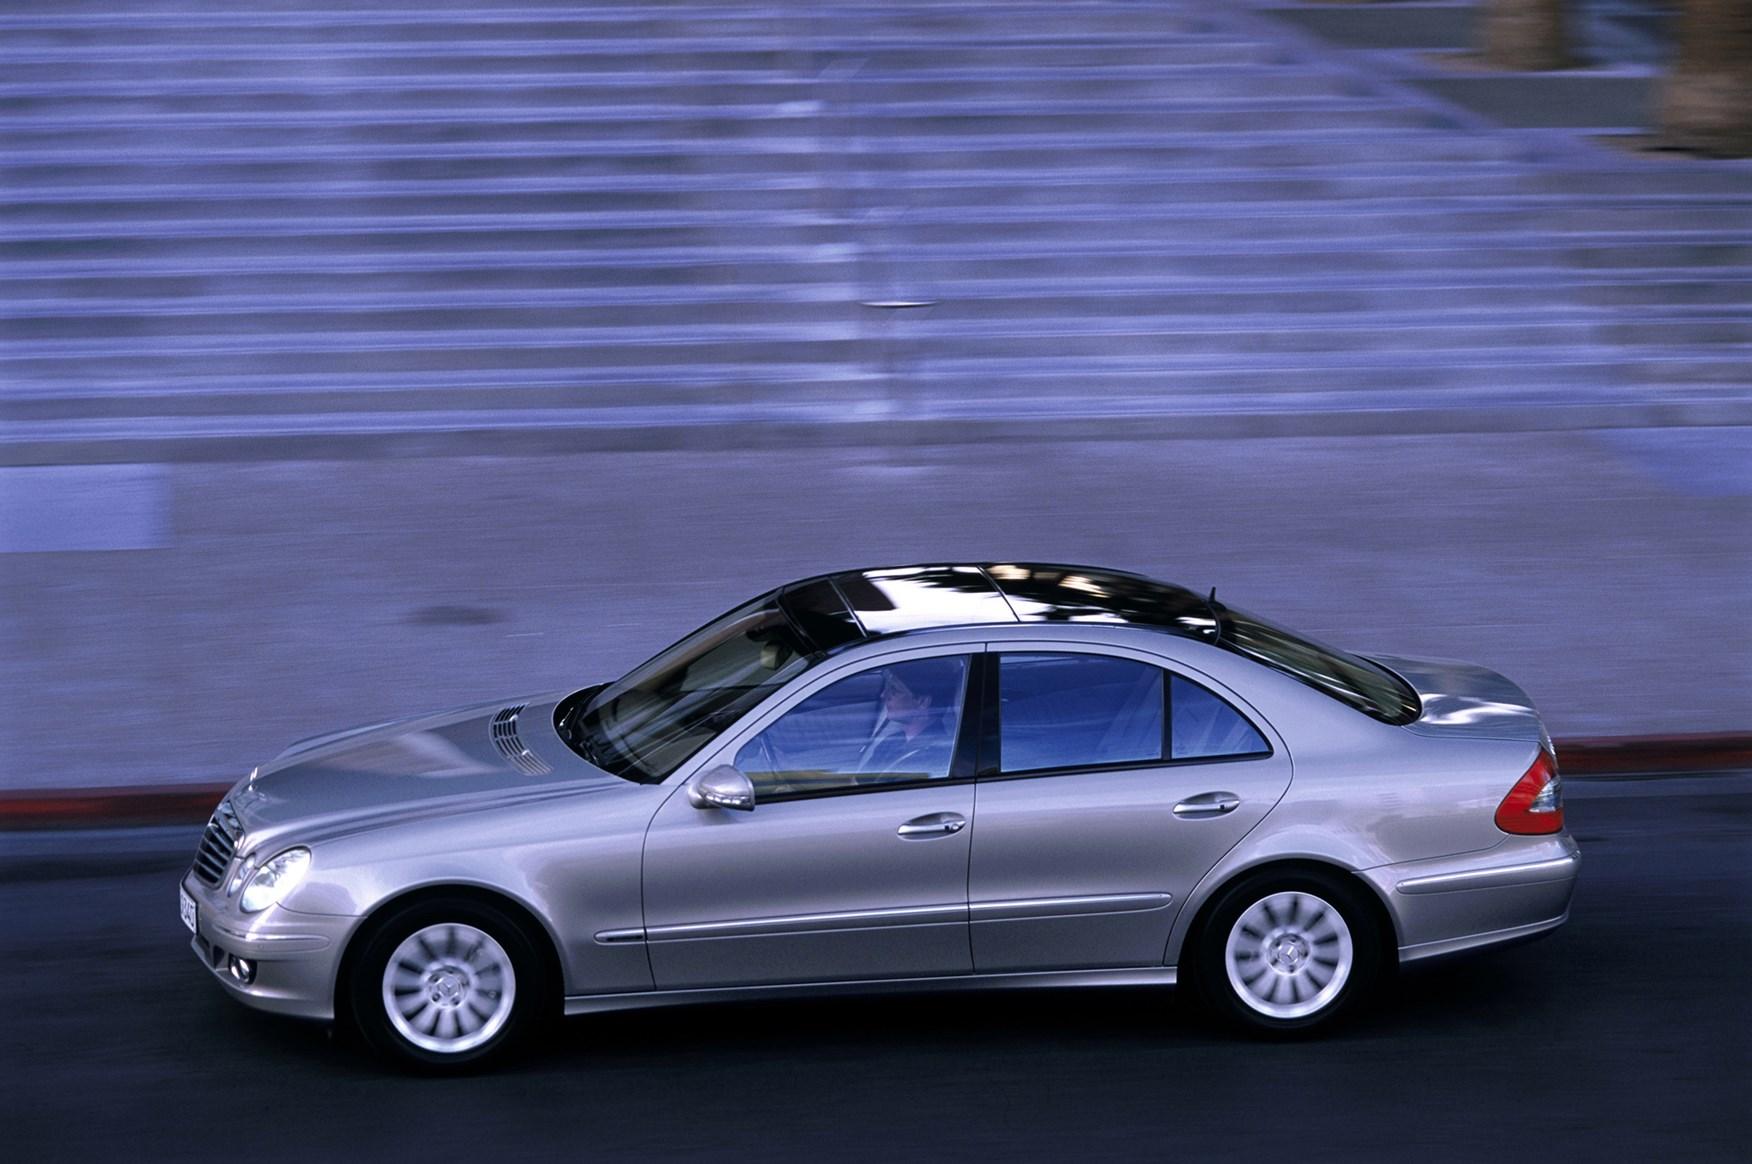 Mercedes benz e class saloon review 2002 2008 parkers for Mercedes benz 2002 e class